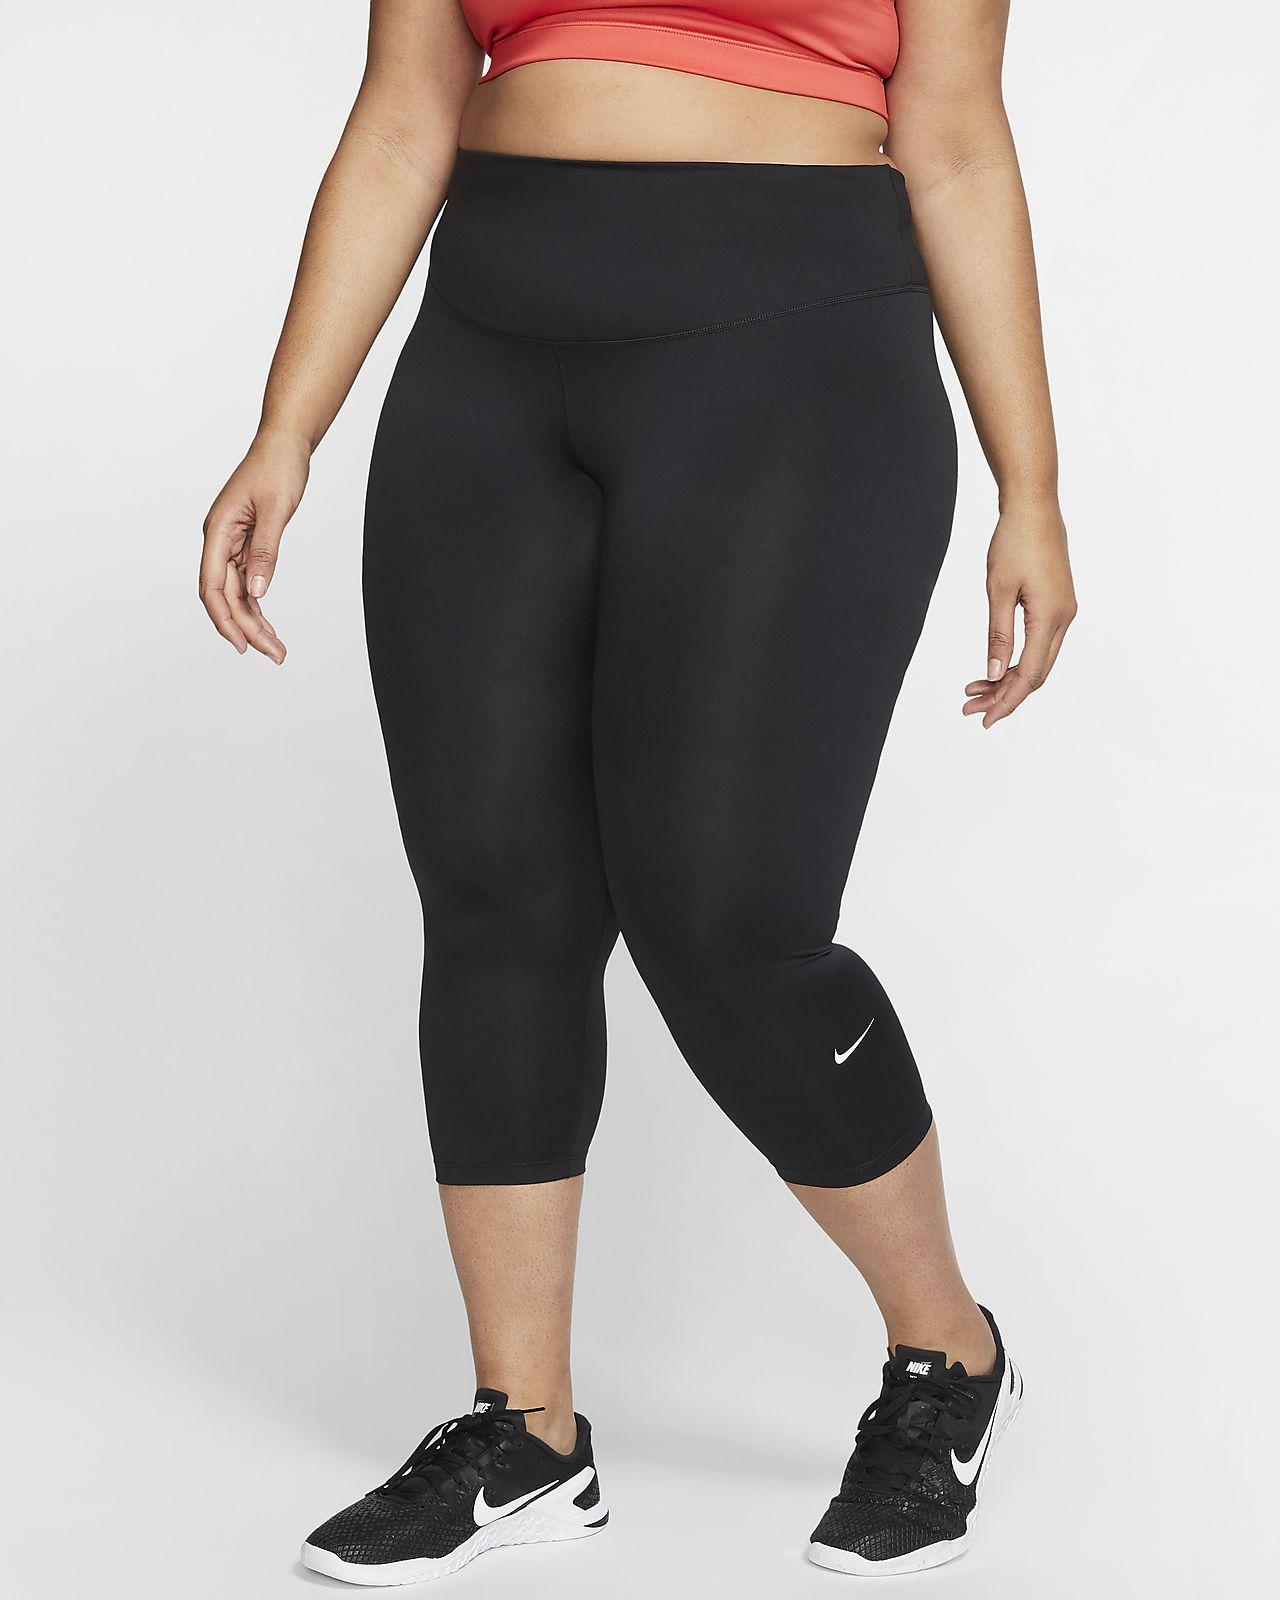 Nike One Damen-Tights mit Crop-Design (große Größe)